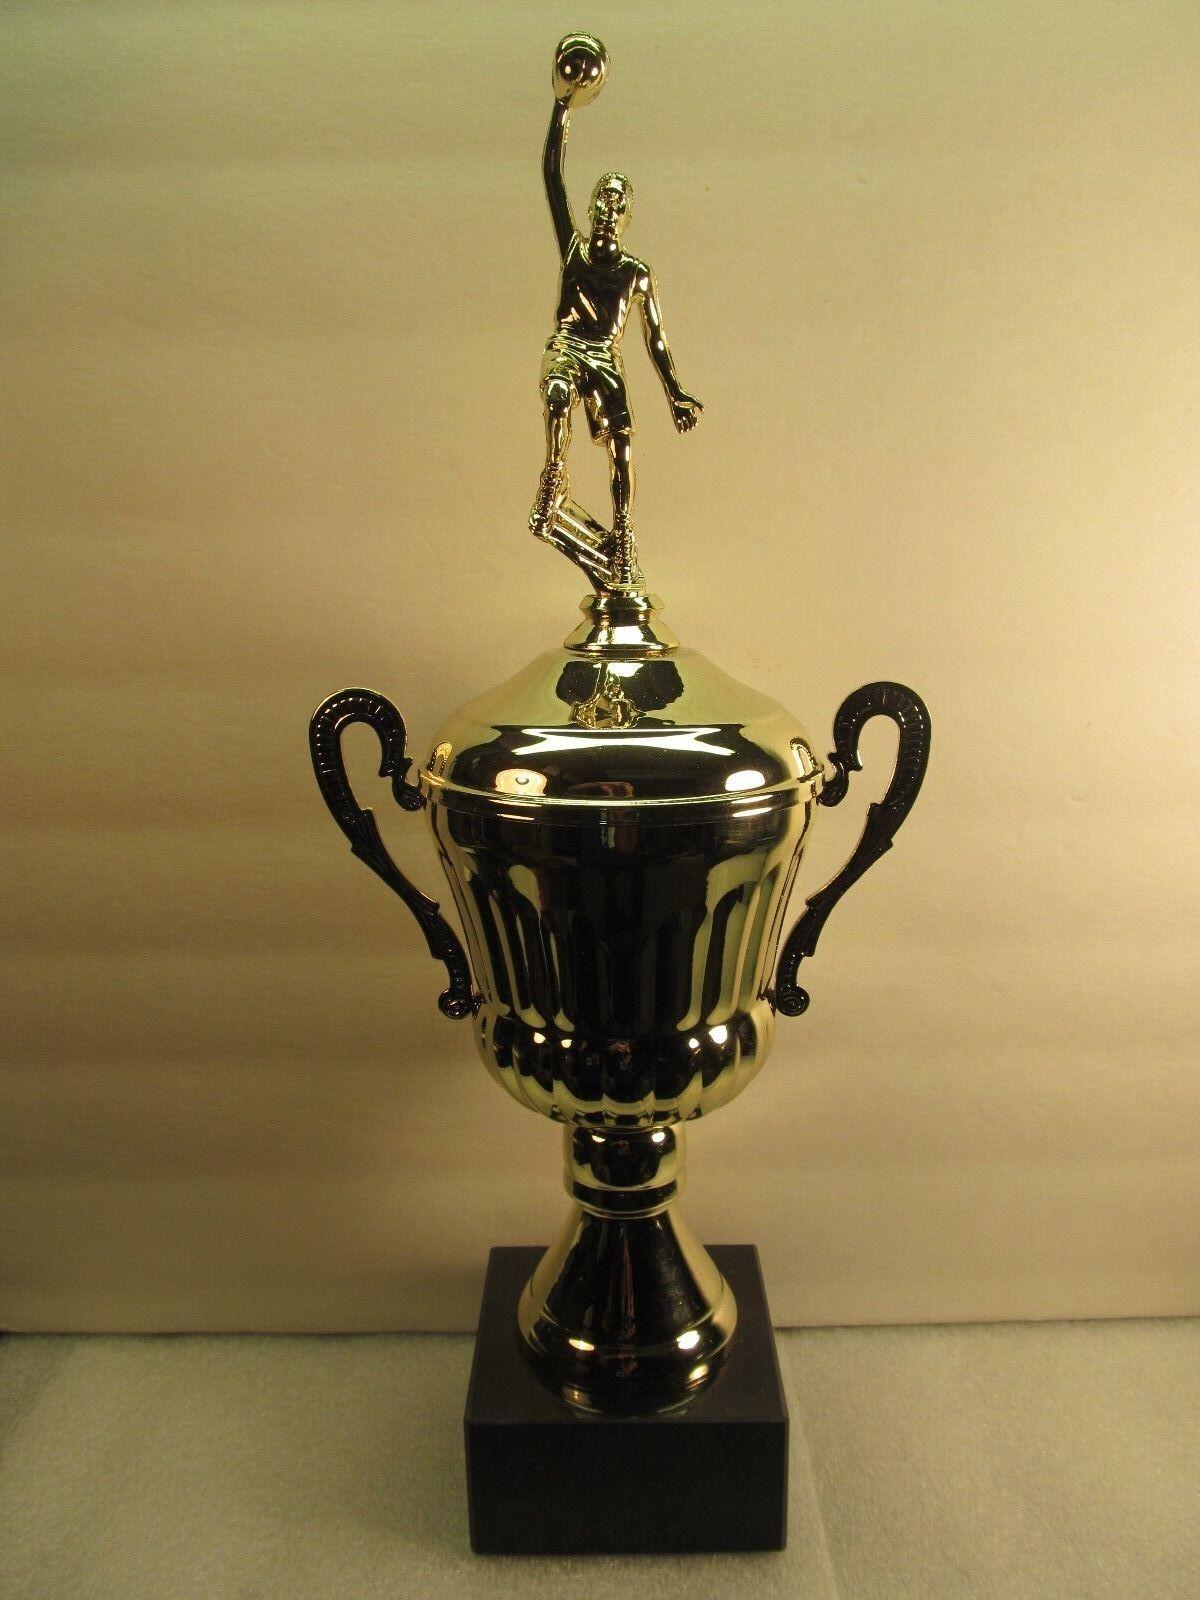 Baloncesto TROFEO premio de oro metal base de mármol GRABADO GRATUITO se envía 2 día de correo